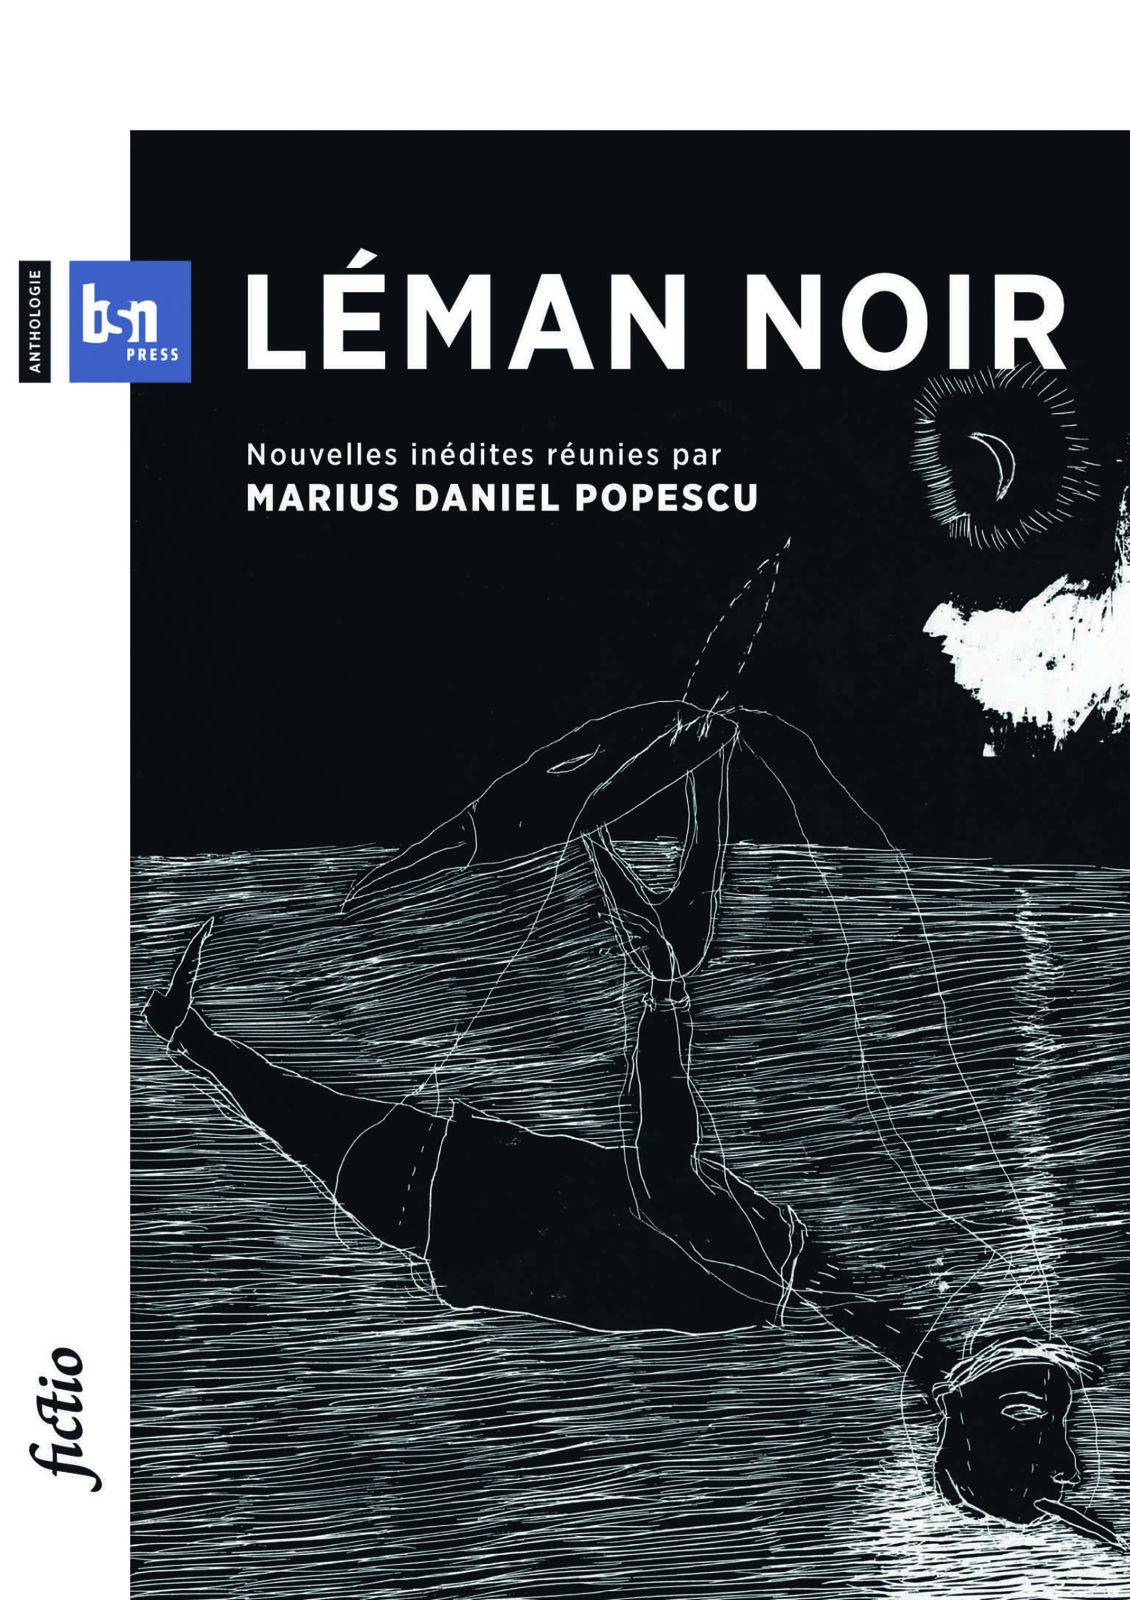 Léman noir - nouvelles inédites réunies par Marius Daniel Popescu (2012)